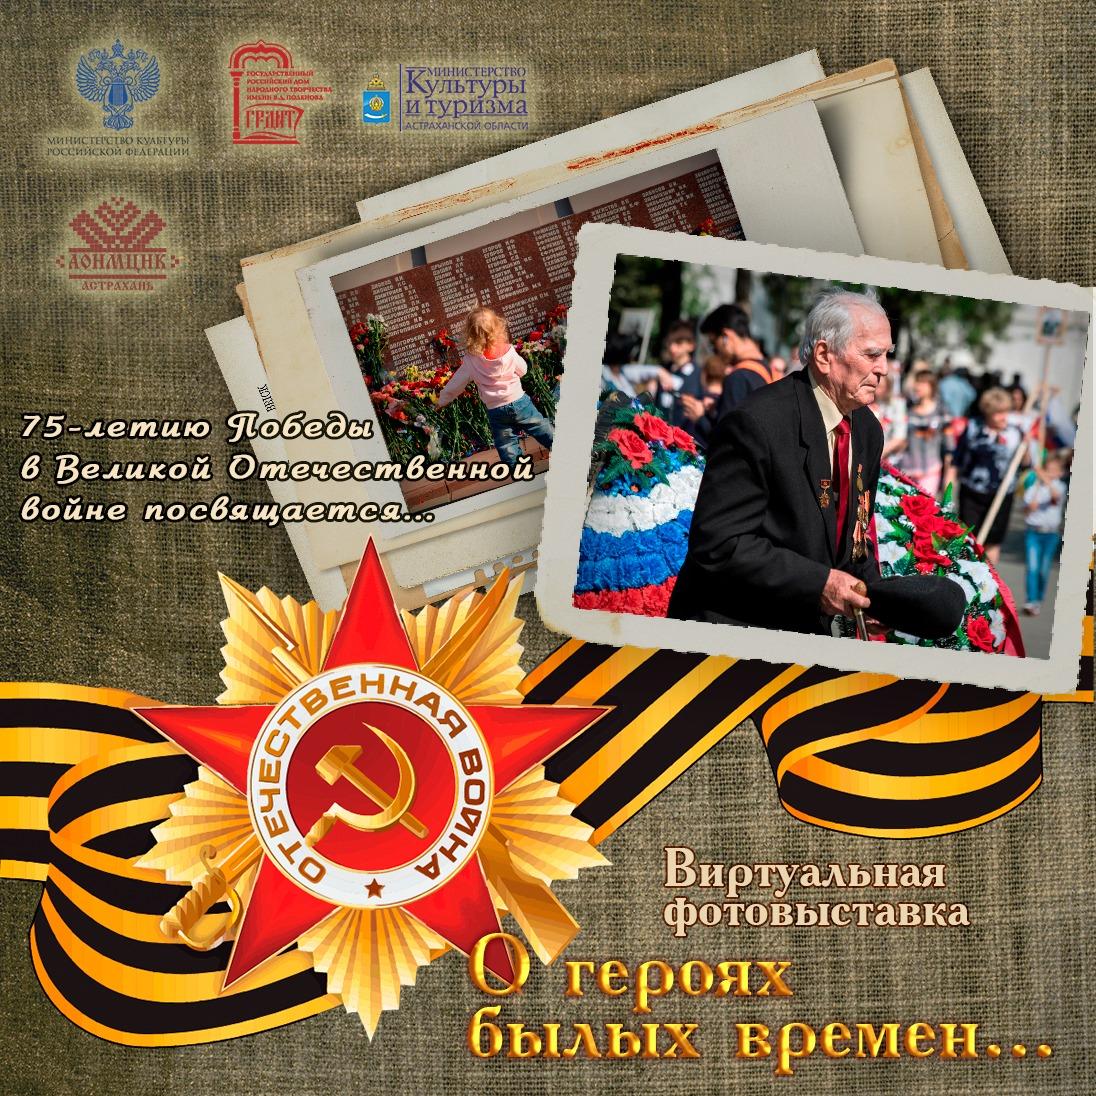 Астраханцы посмотрели виртуальную фотовыставку «О героях былых времен…»